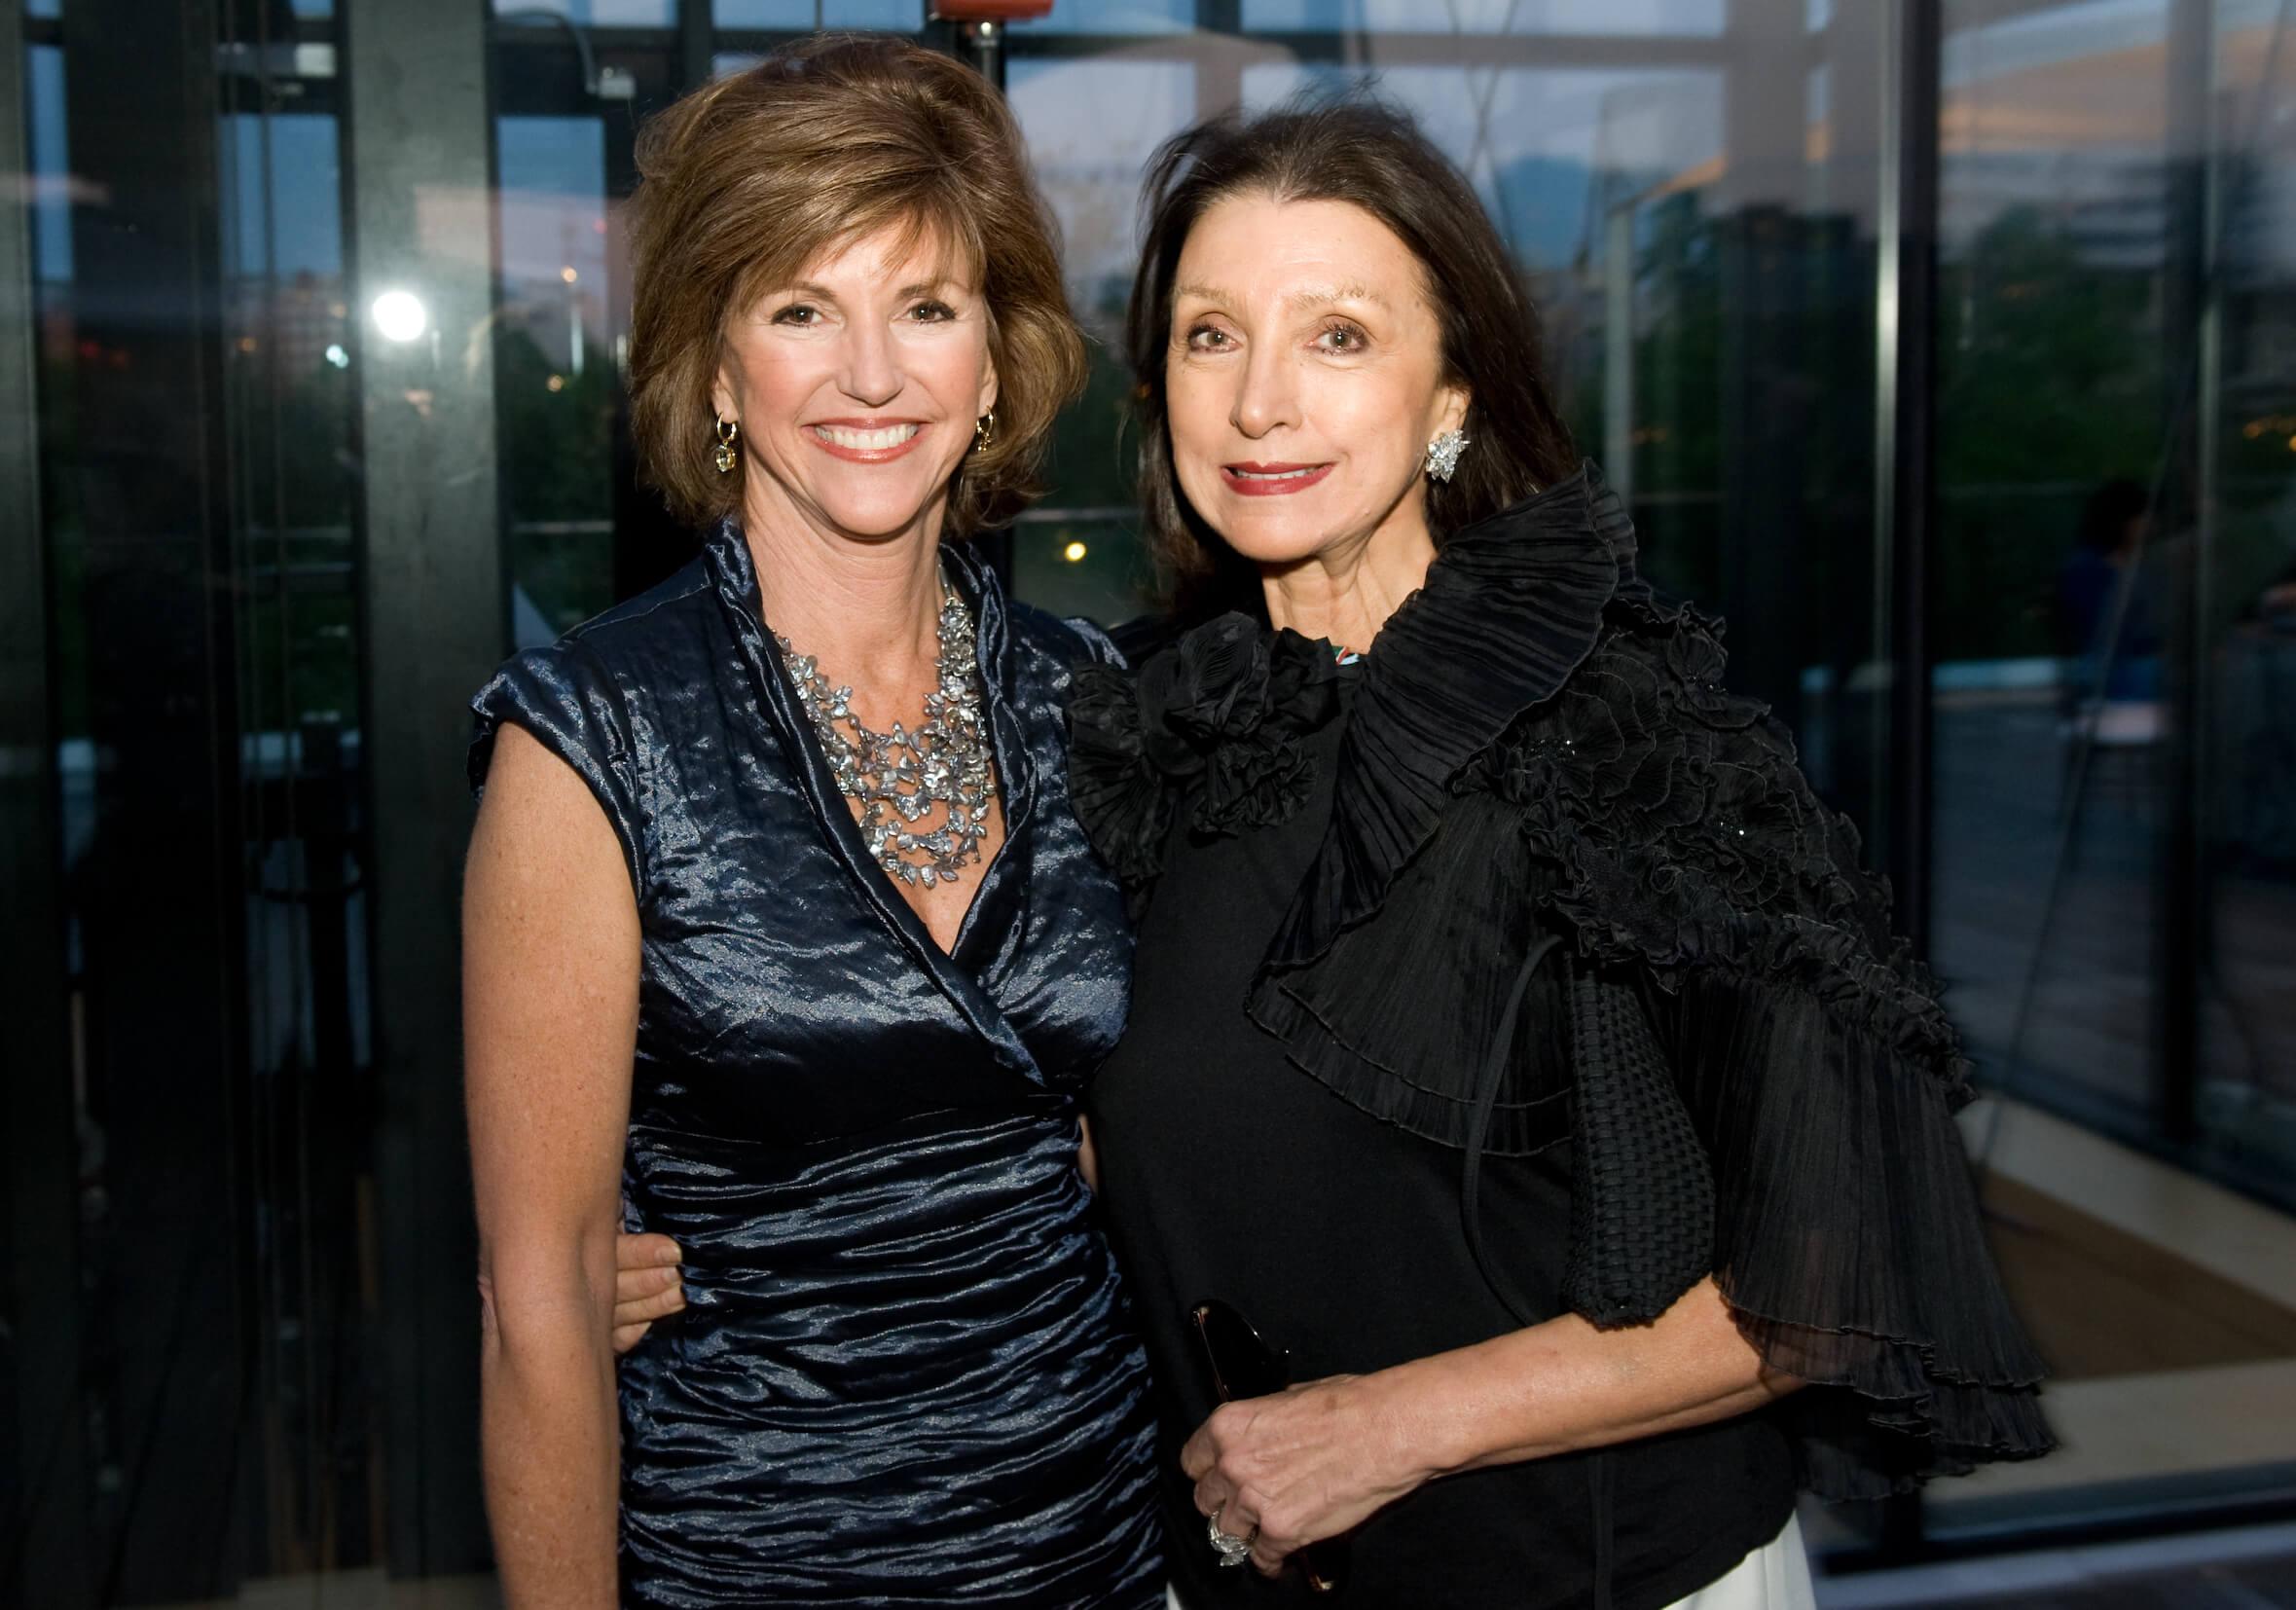 Ms. Susan Huthison and Mrs. Anikó Gaál-Schott